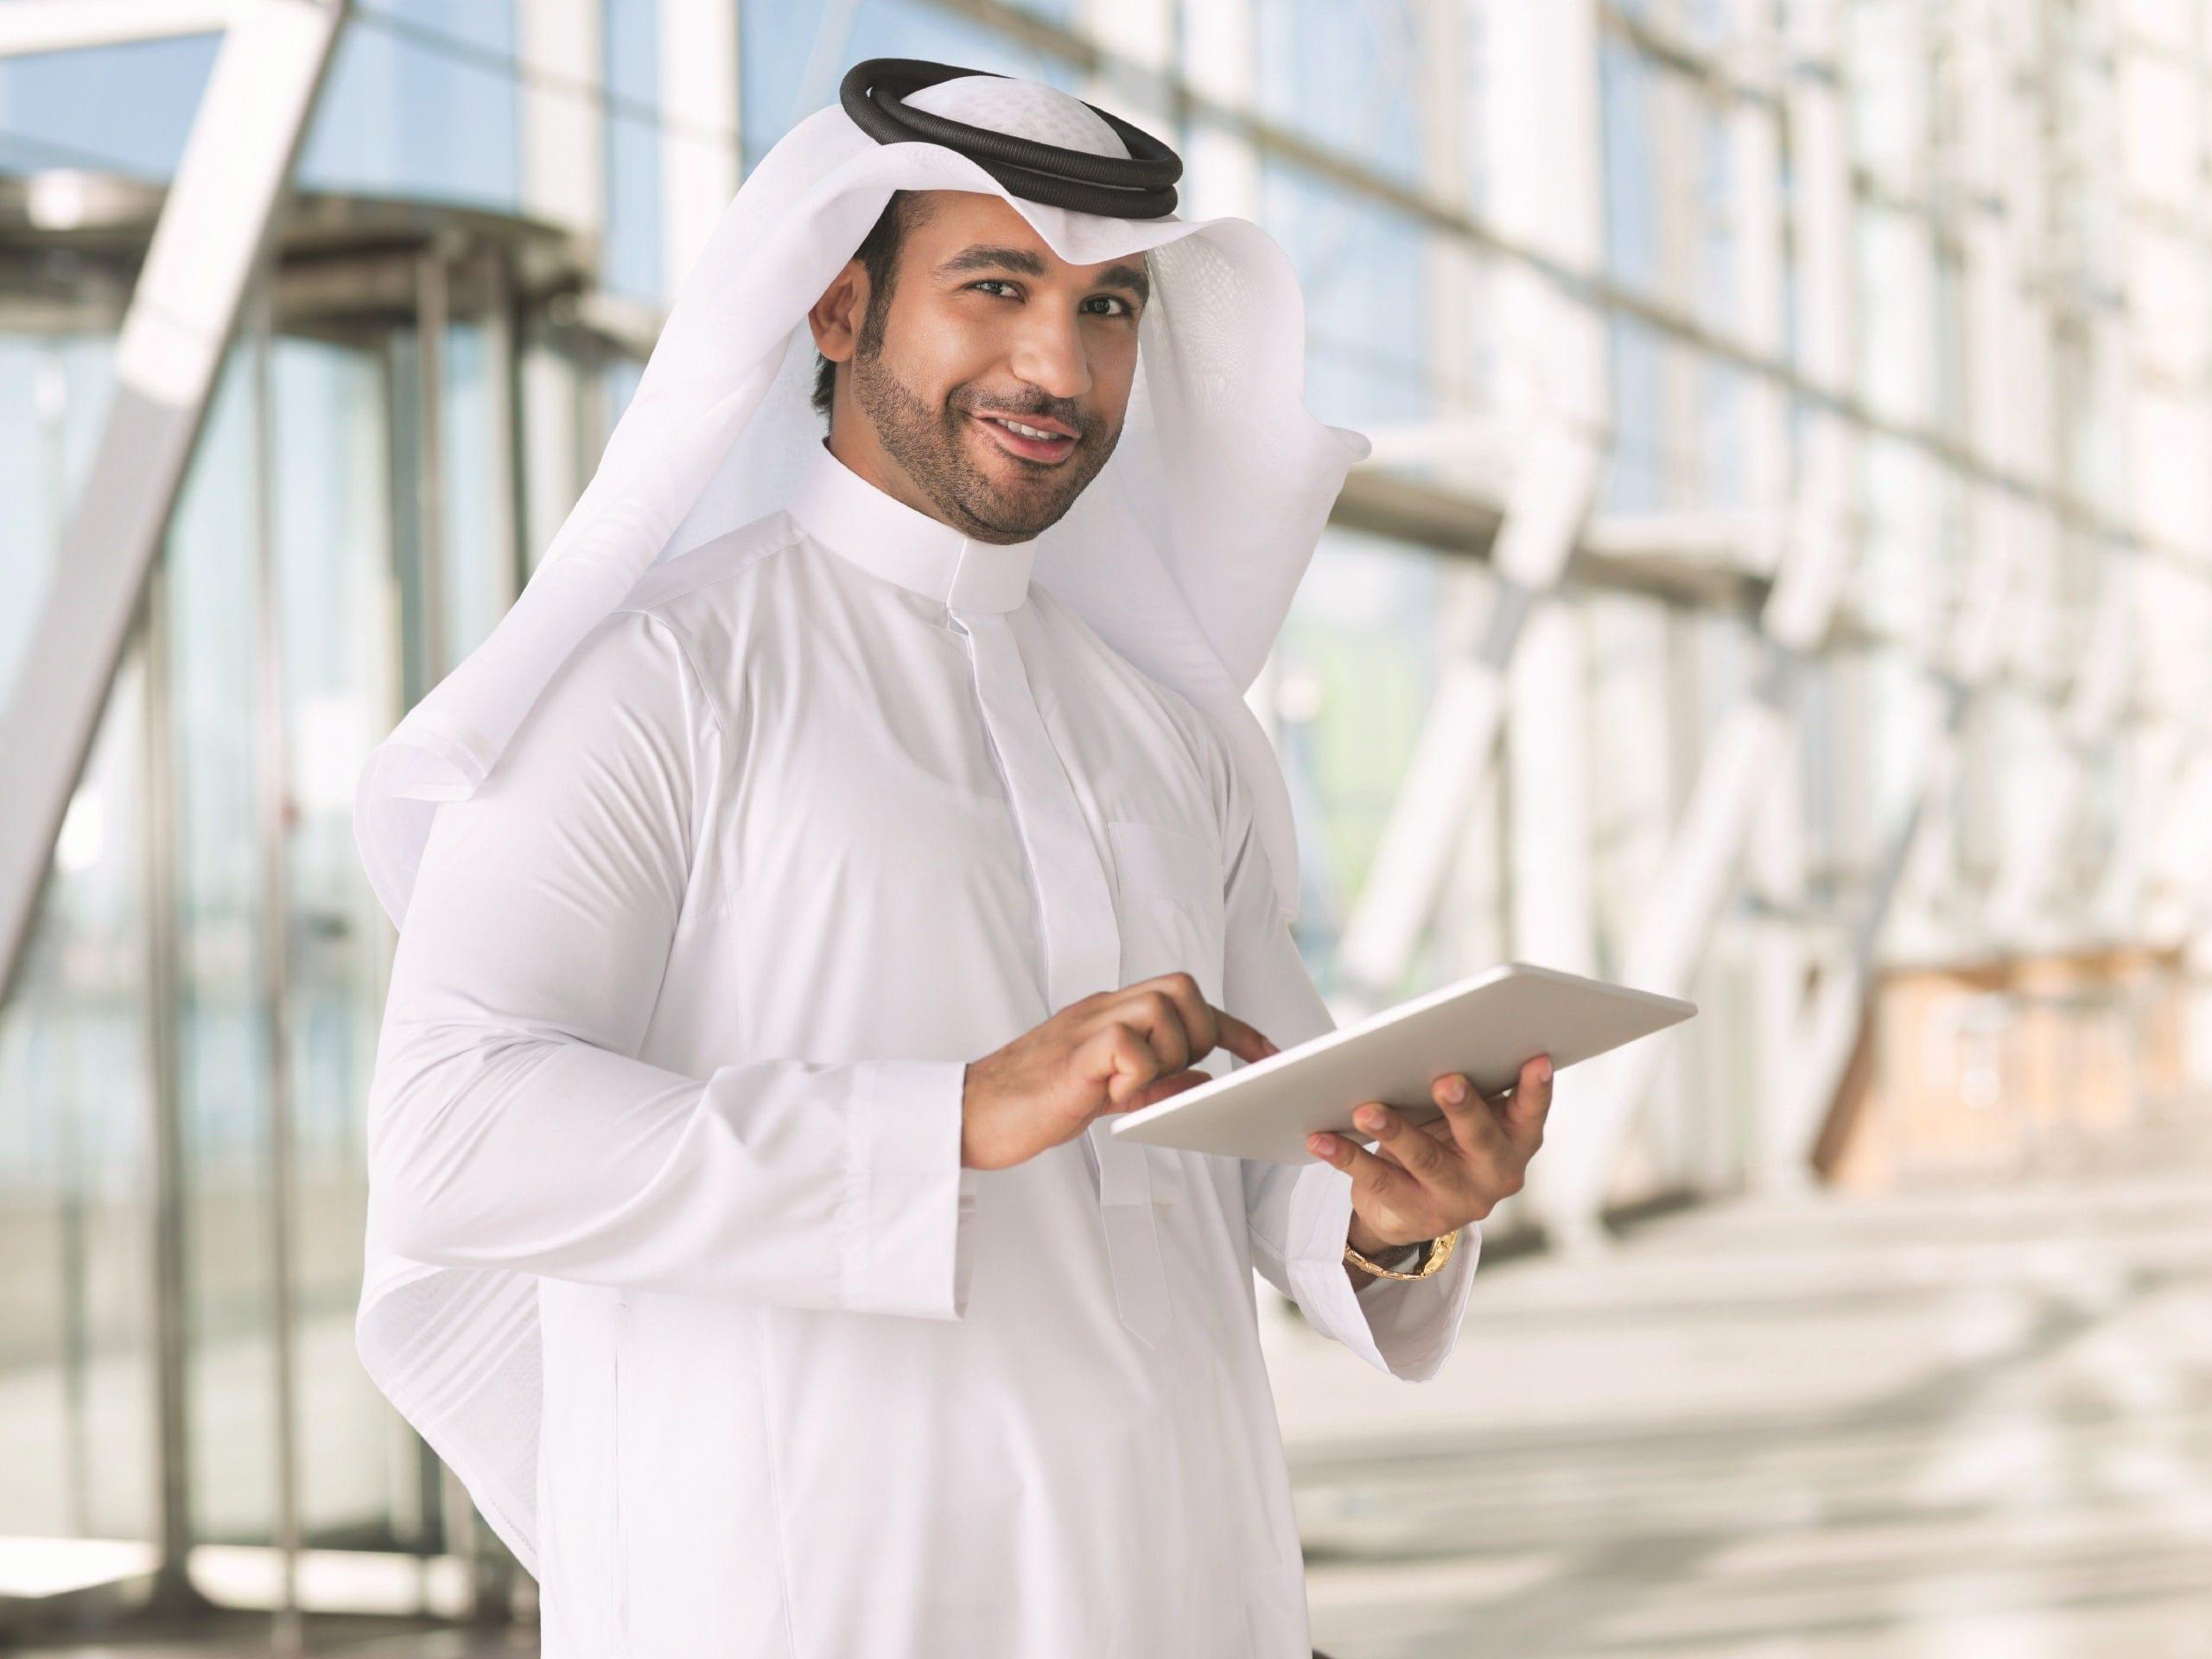 Фото жителя ОАЭ